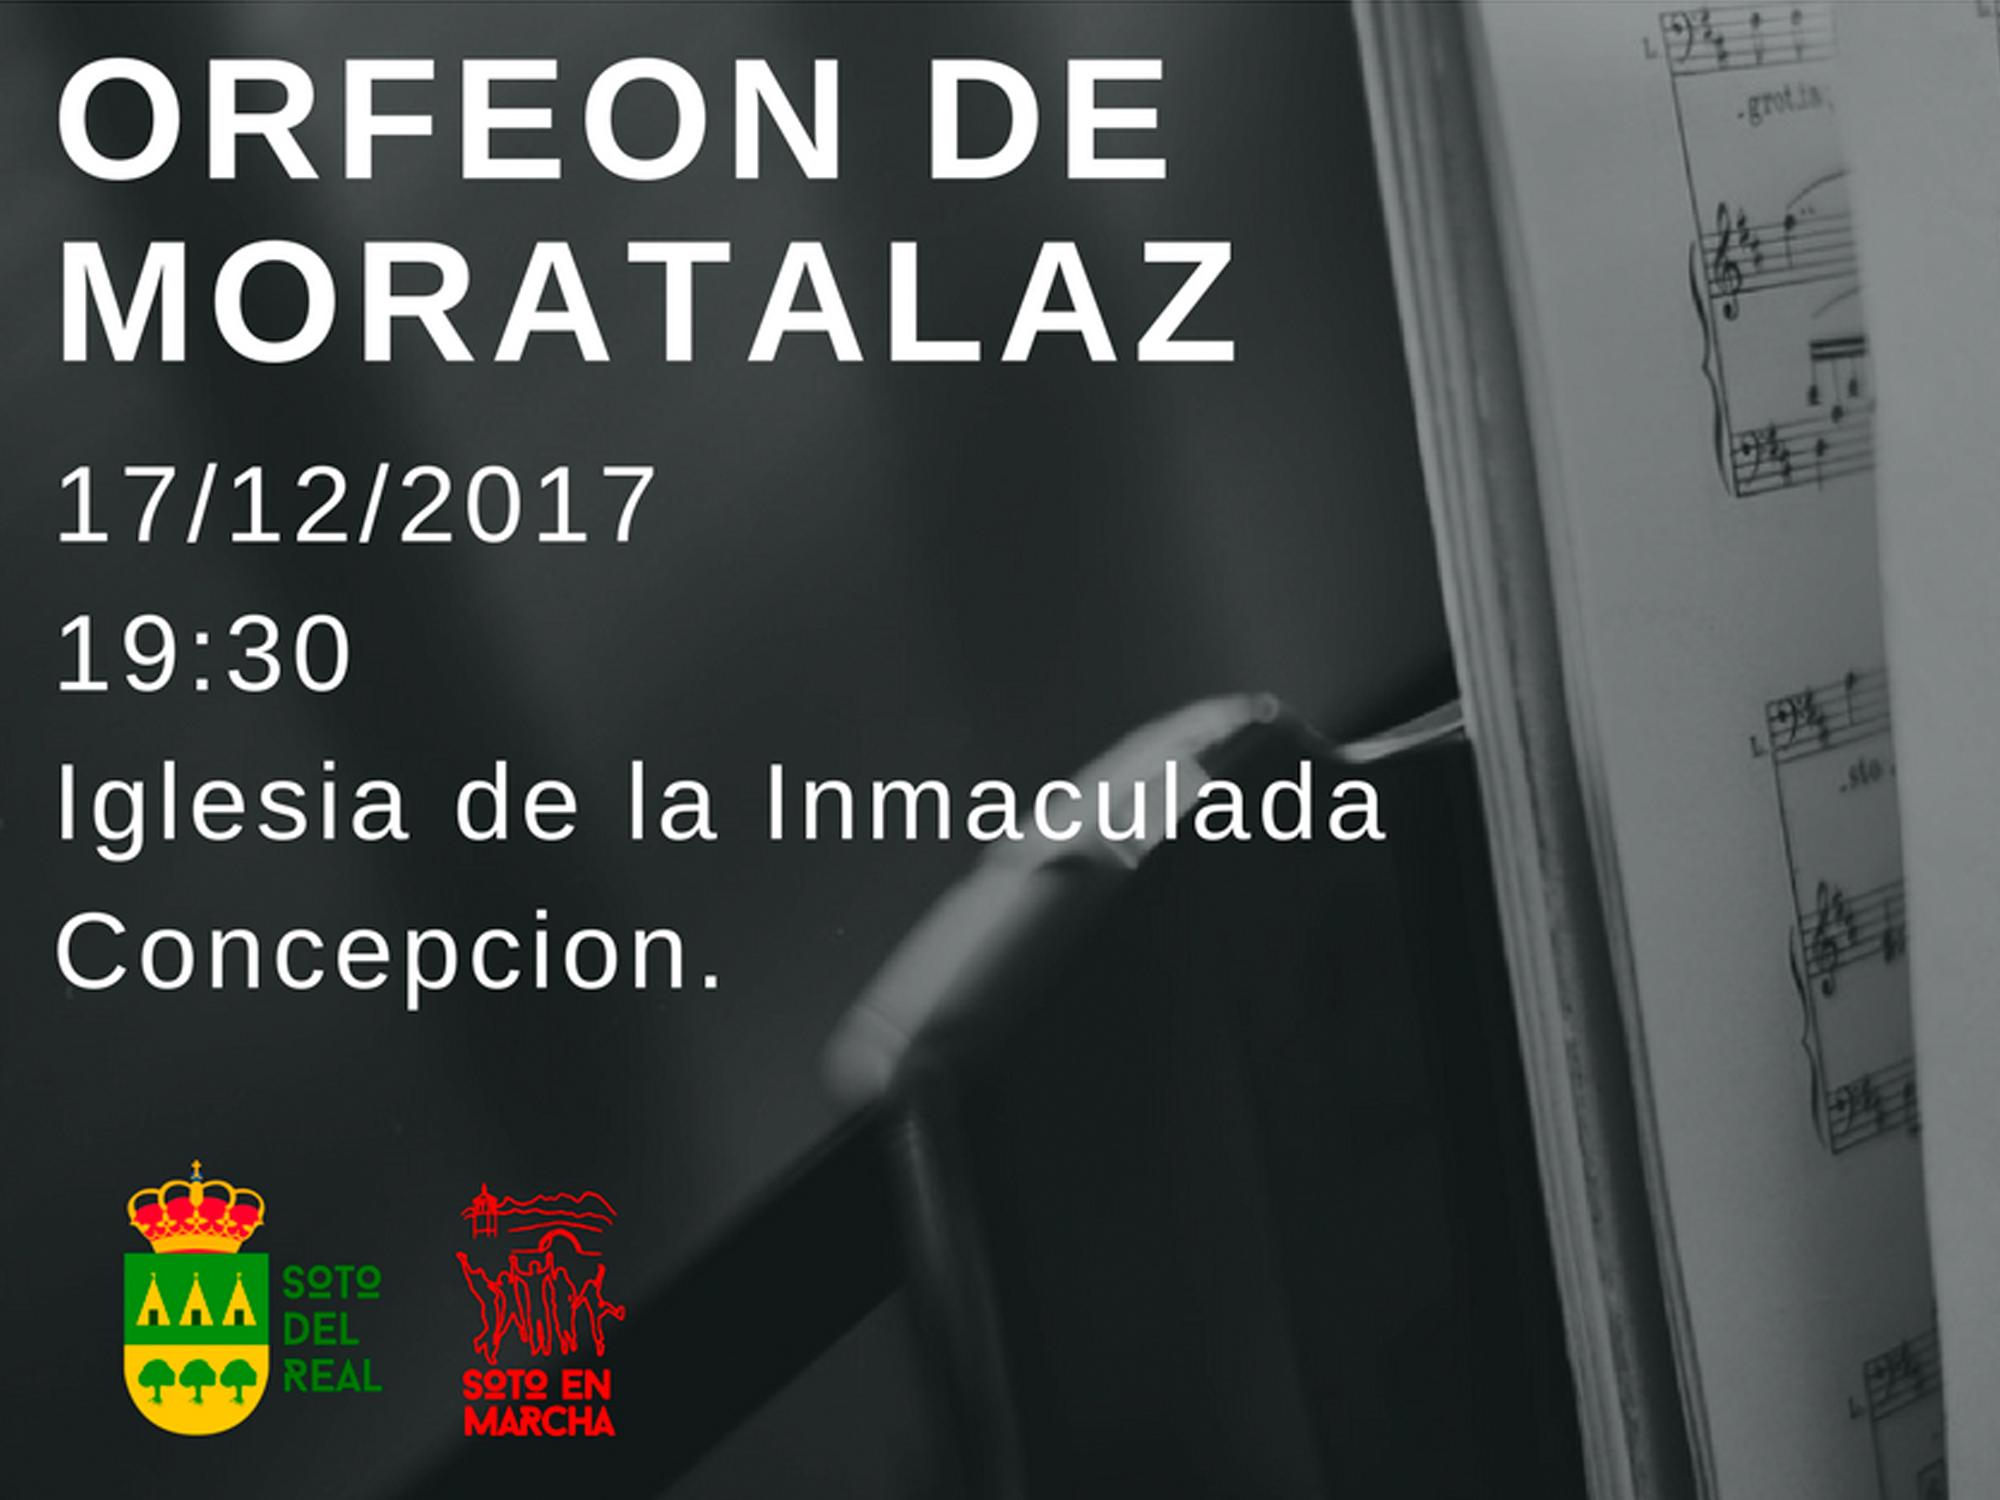 Concierto Orfeón de Moratalaz